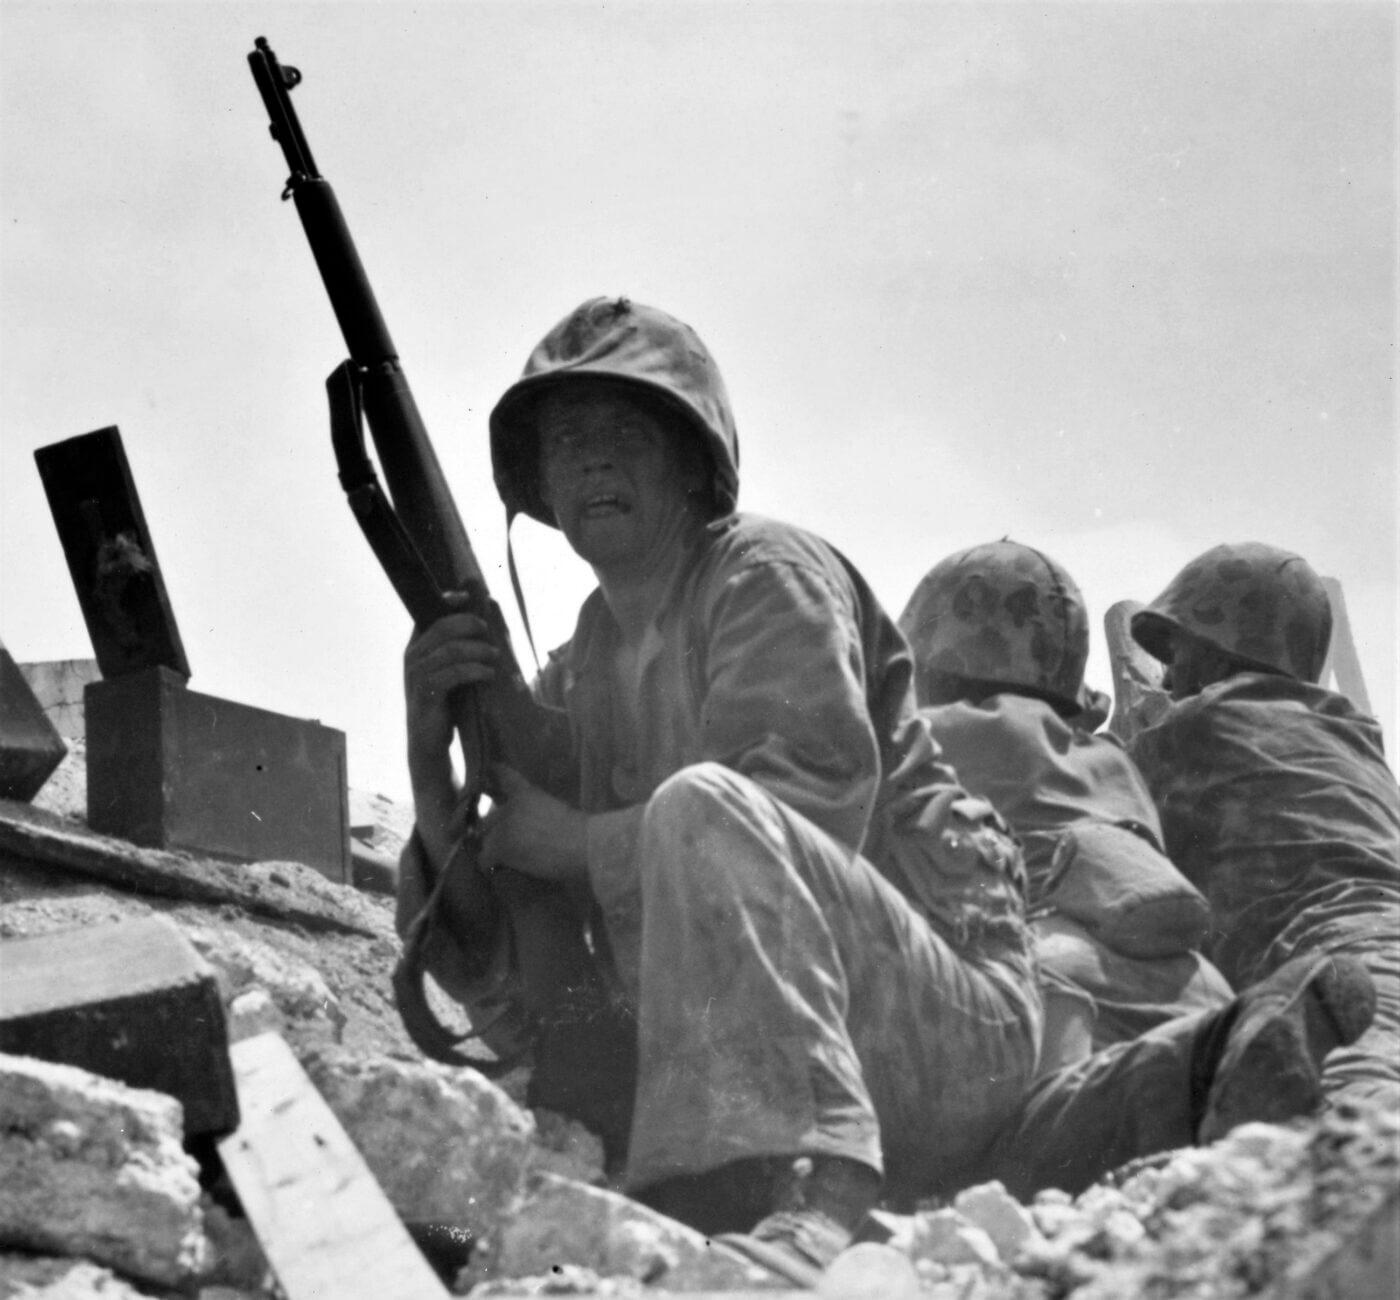 Marines with M1 rifle on Tarawa in WWII